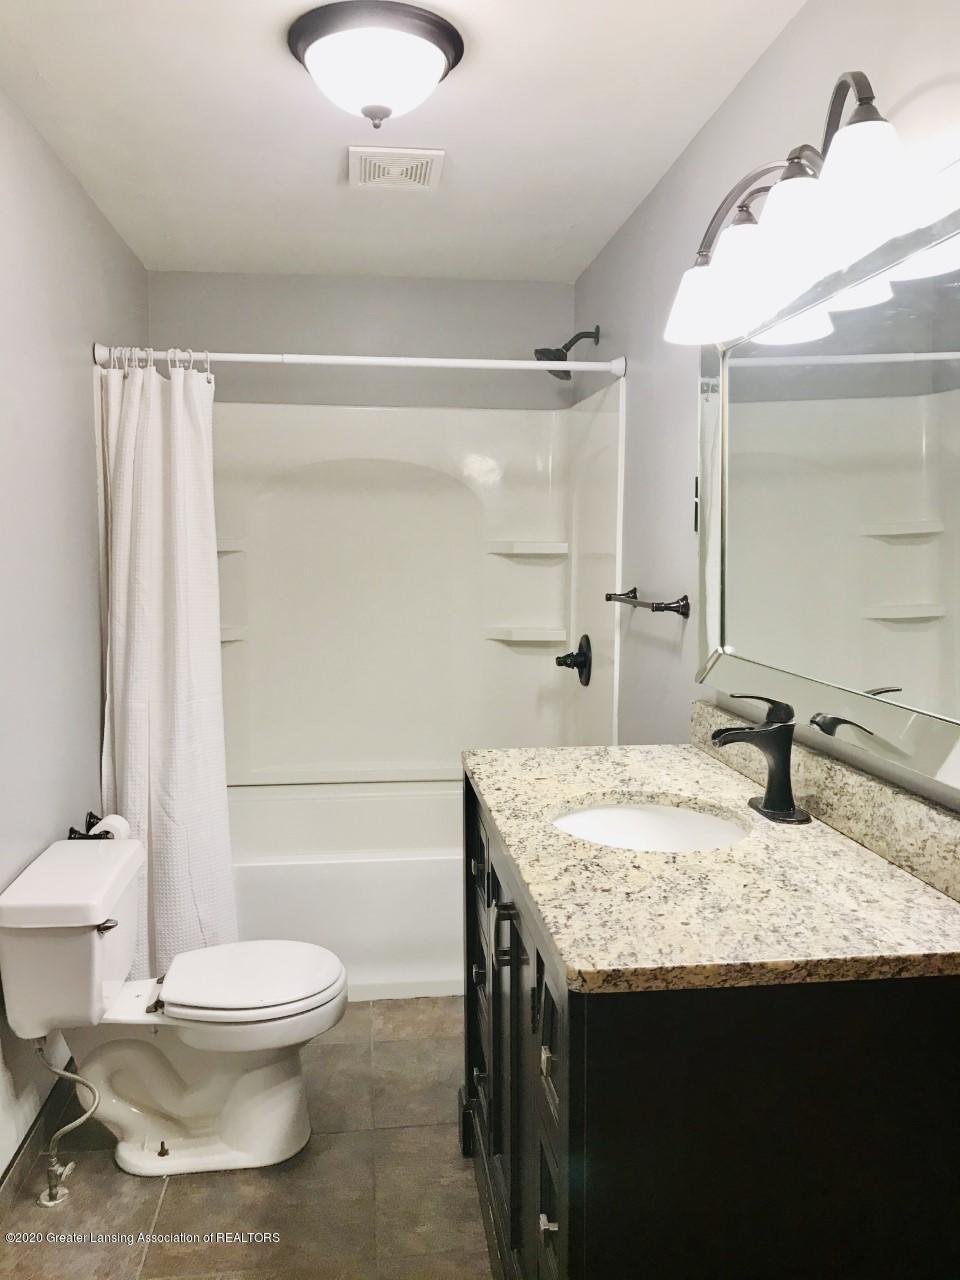 1011 W Silvers Rd - Bathroom 1 - 10